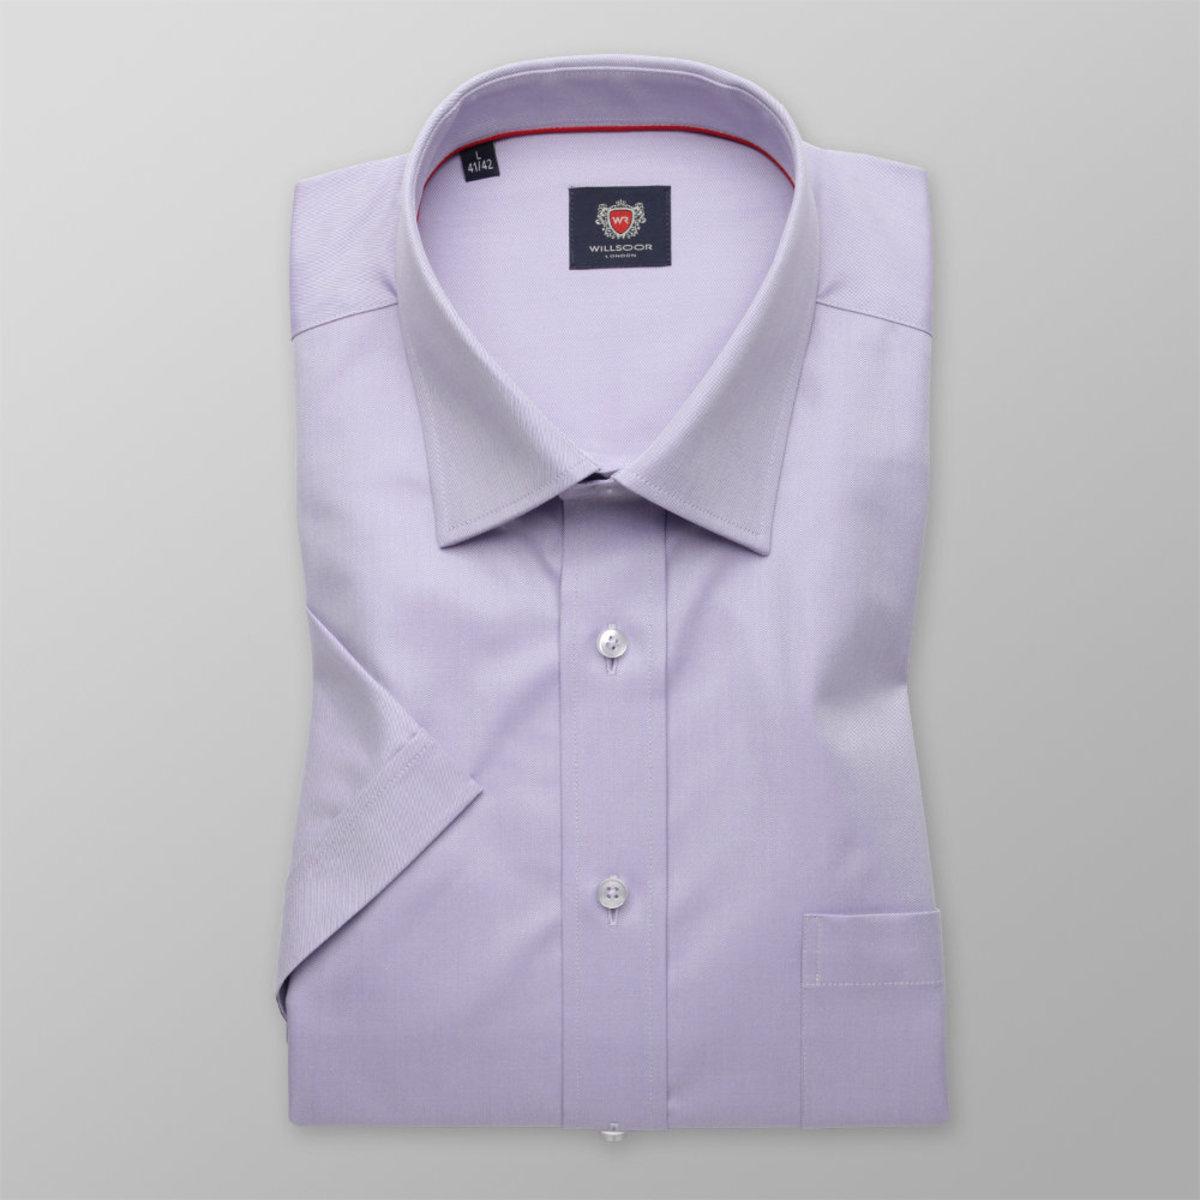 Košeľa London svetlo fialová (výška 176 - 182) 10851 176-182 / XL (43/44)